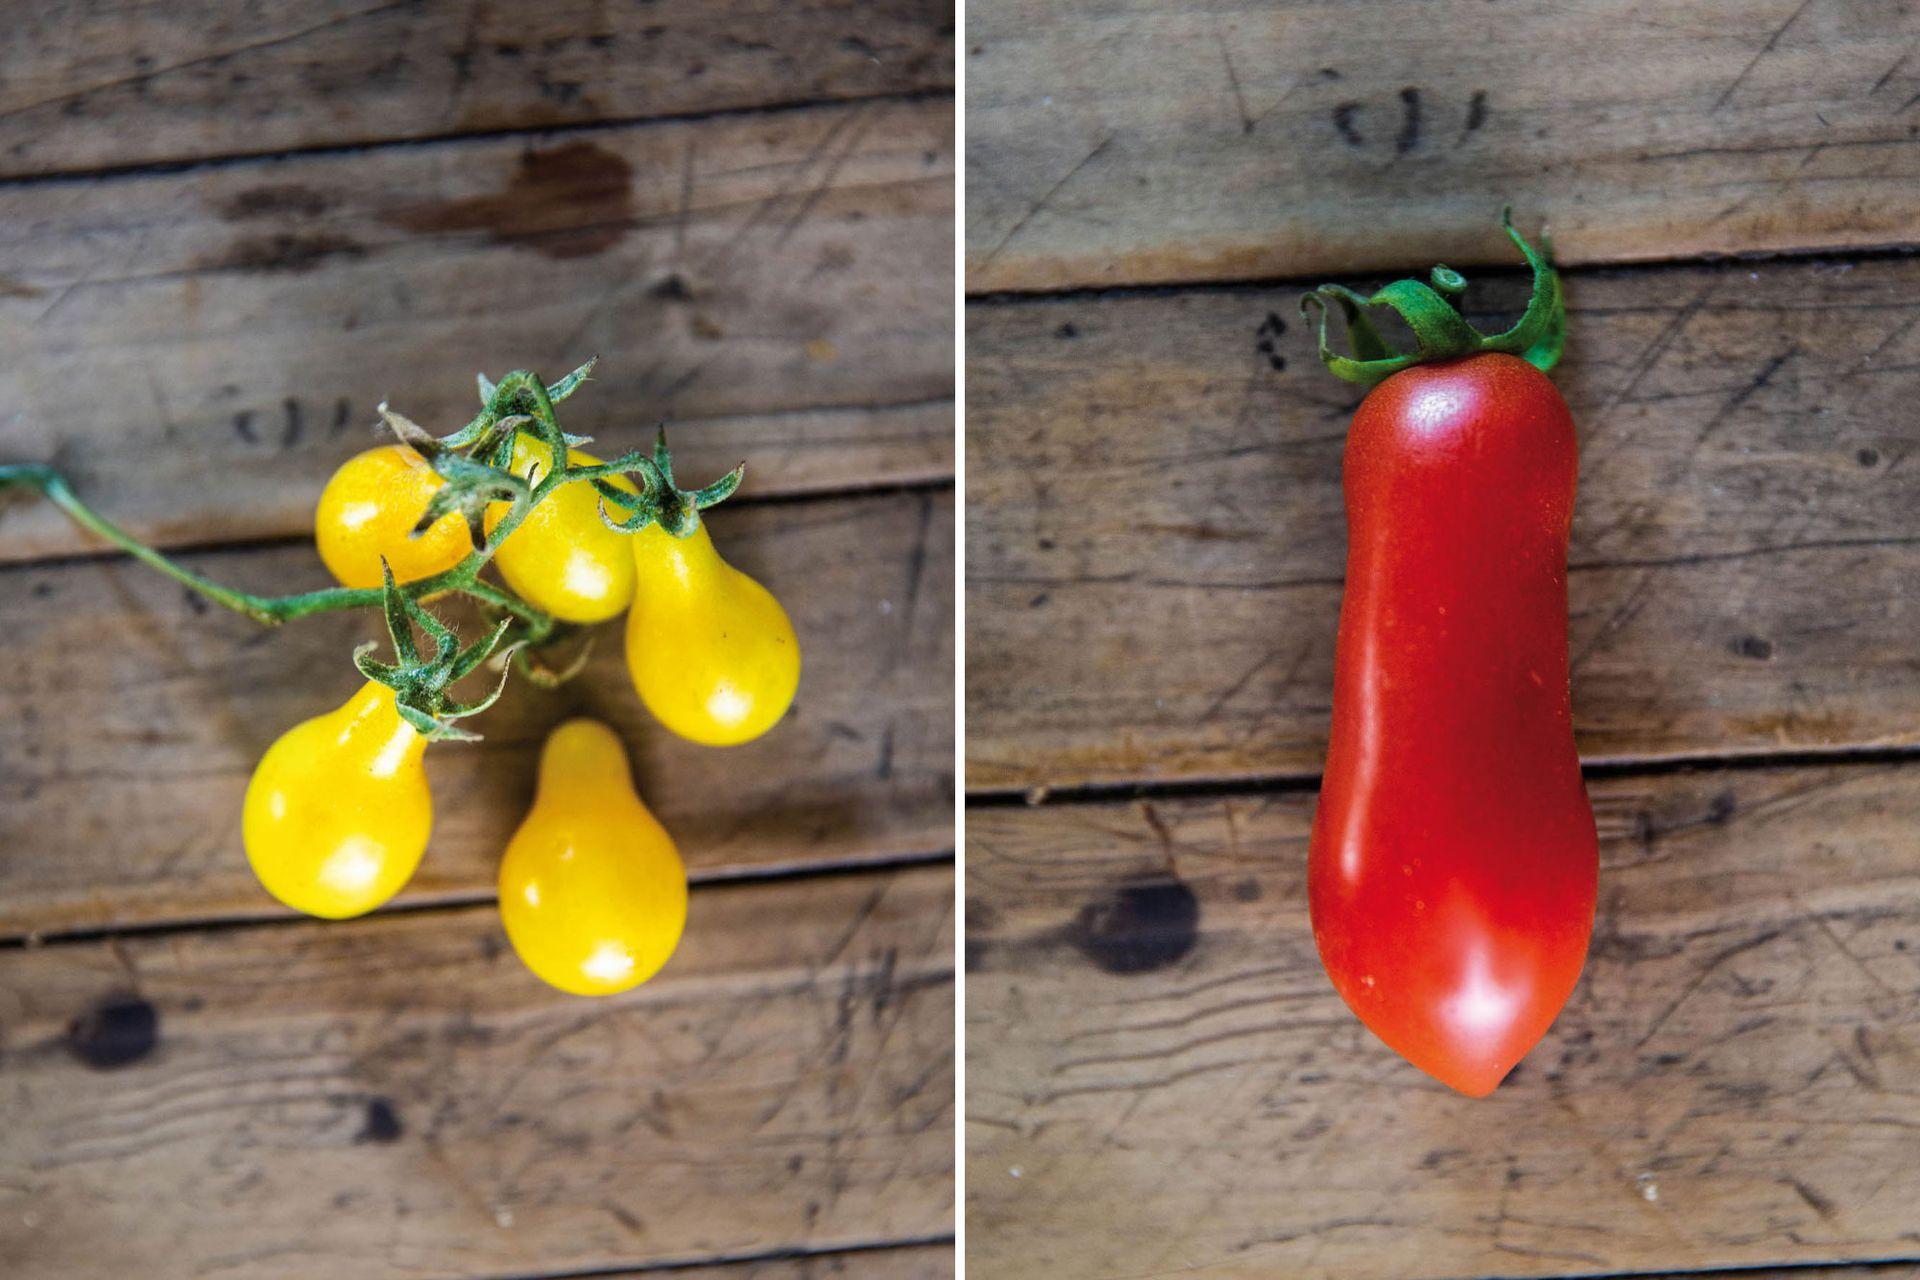 Lágrima de oro, variedad de cherry muy dulce y muy productiva (izquierda). San Marzano, ideal para salsas (derecha).